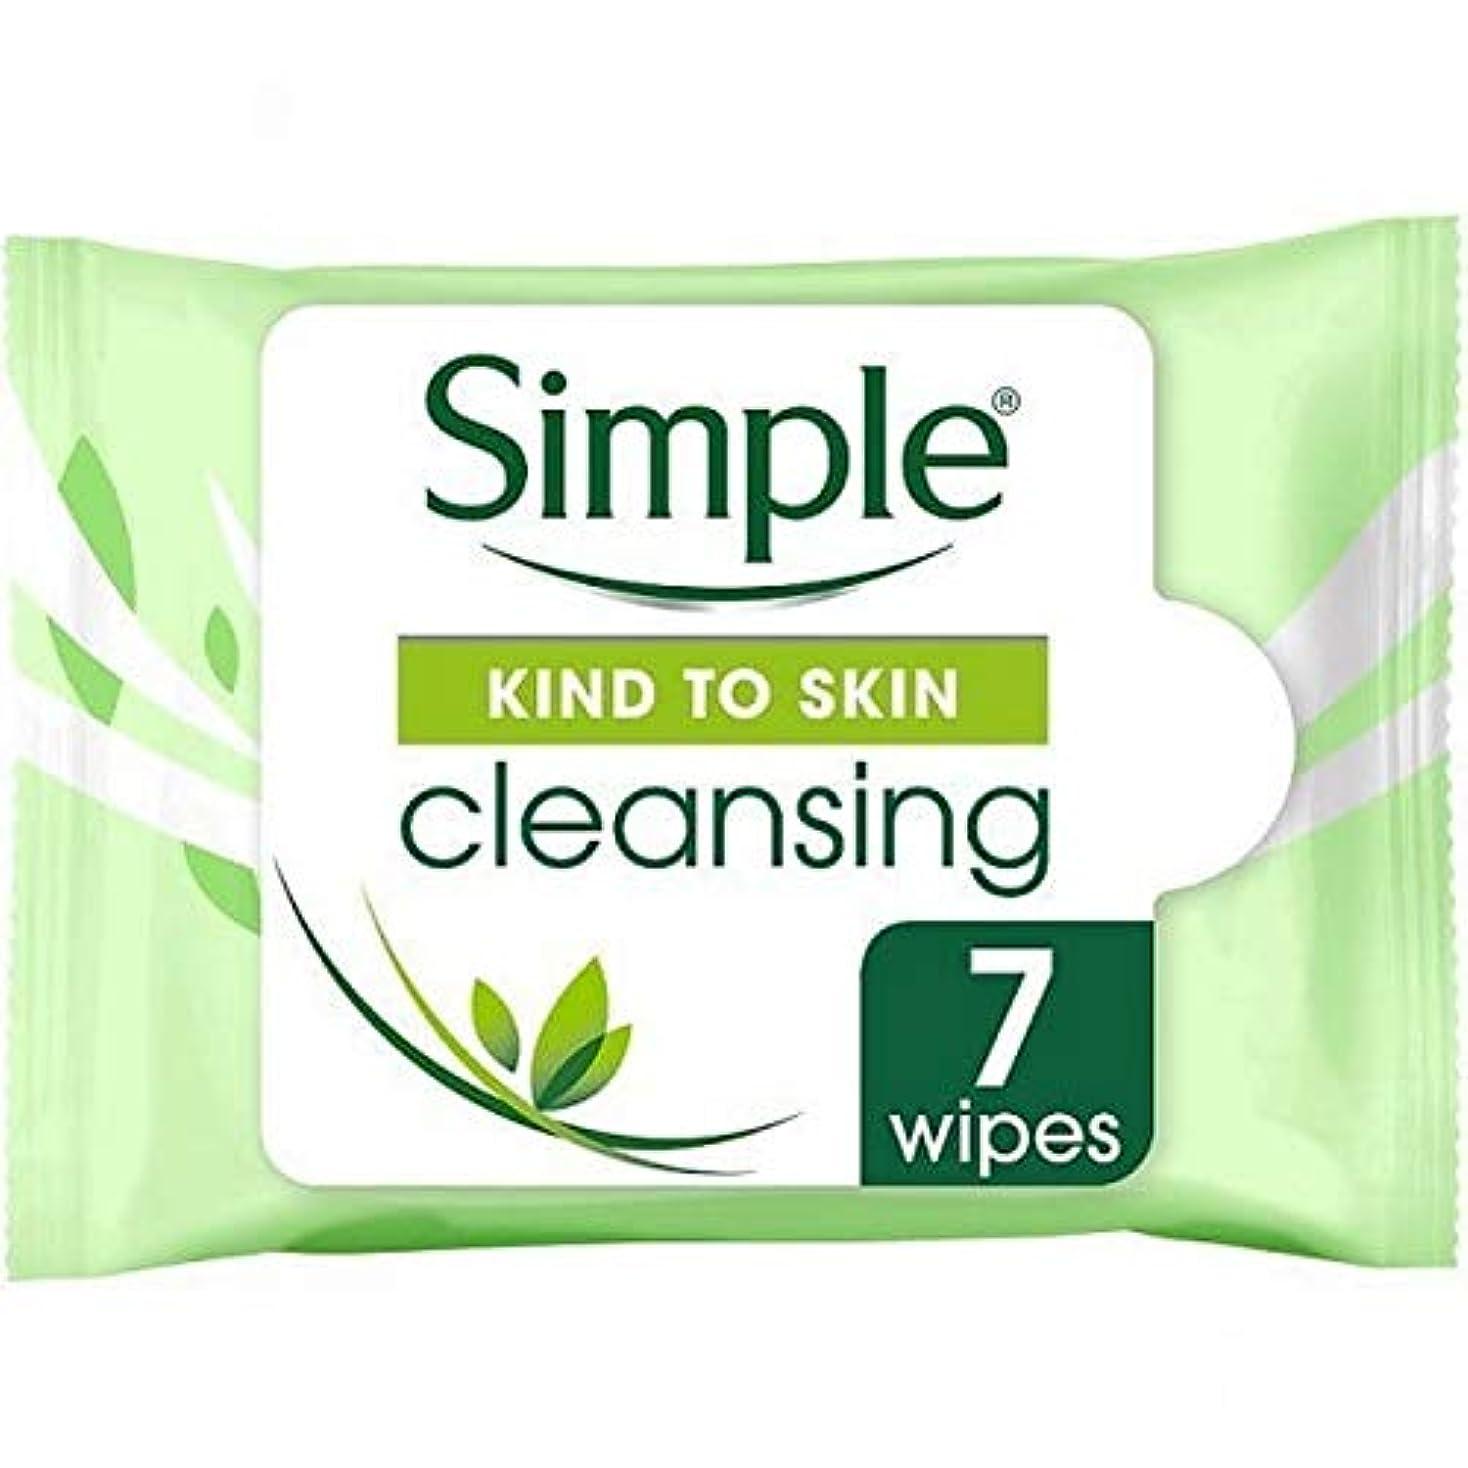 代わってアレルギー粉砕する[Simple ] 顔のワイプの7Sクレンジング肌への単純な種類 - Simple Kind To Skin Cleansing Facial Wipes 7s [並行輸入品]